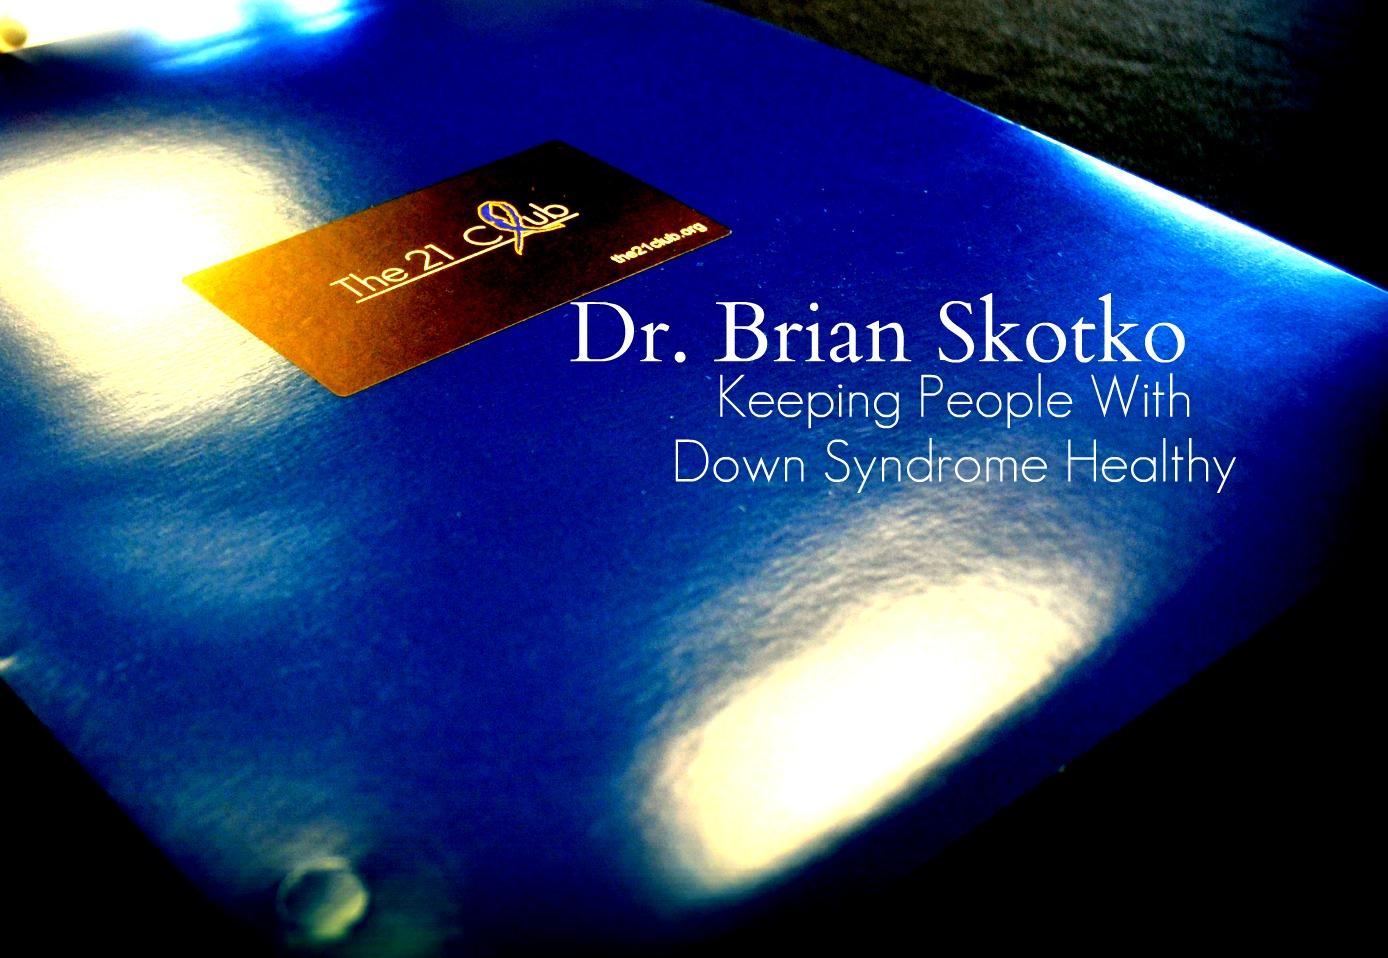 Dr. Brian Skotko